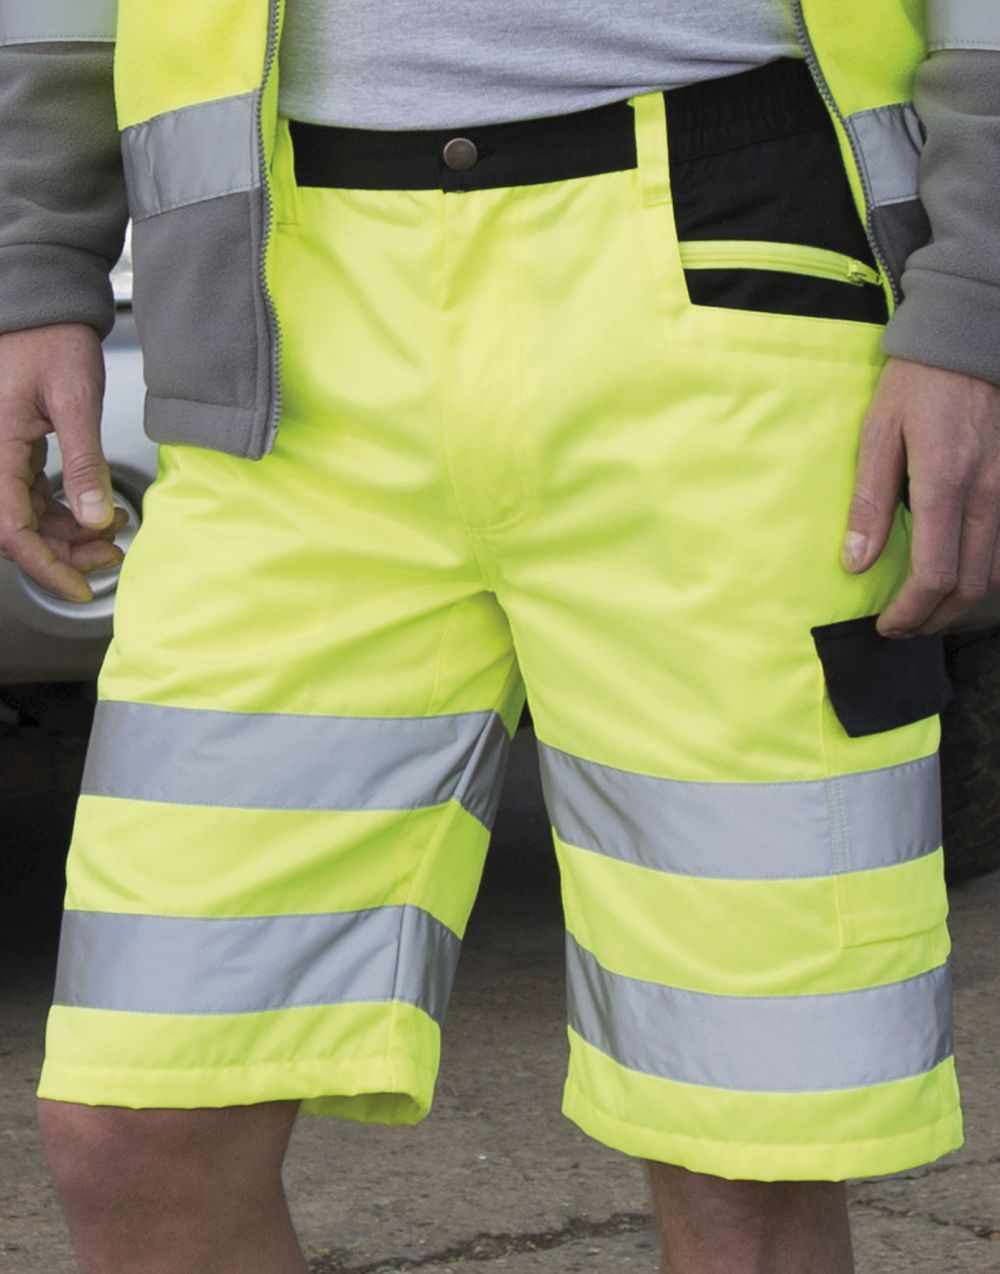 Pantalones reflectantes result corto cargo para personalizar imagen 2